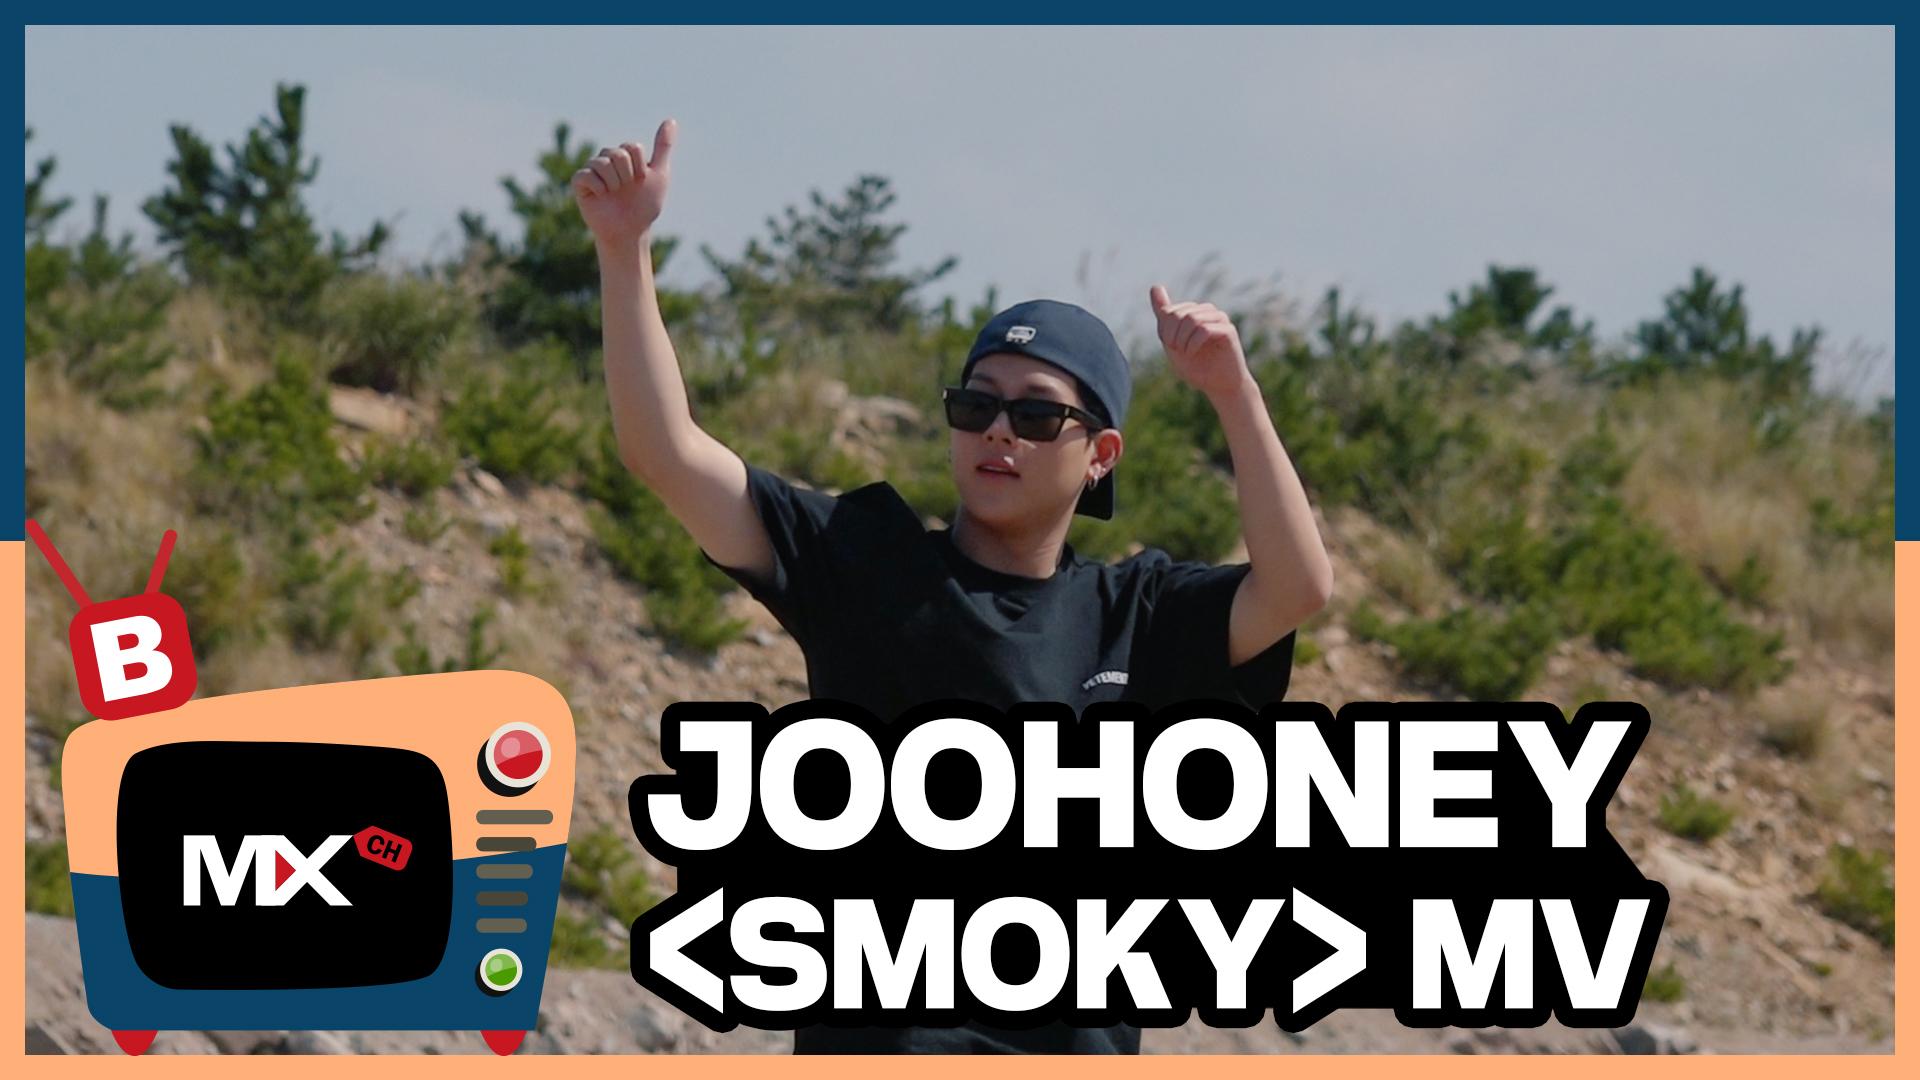 [몬채널][B] EP.201 JOOHONEY 'SMOKY' MV